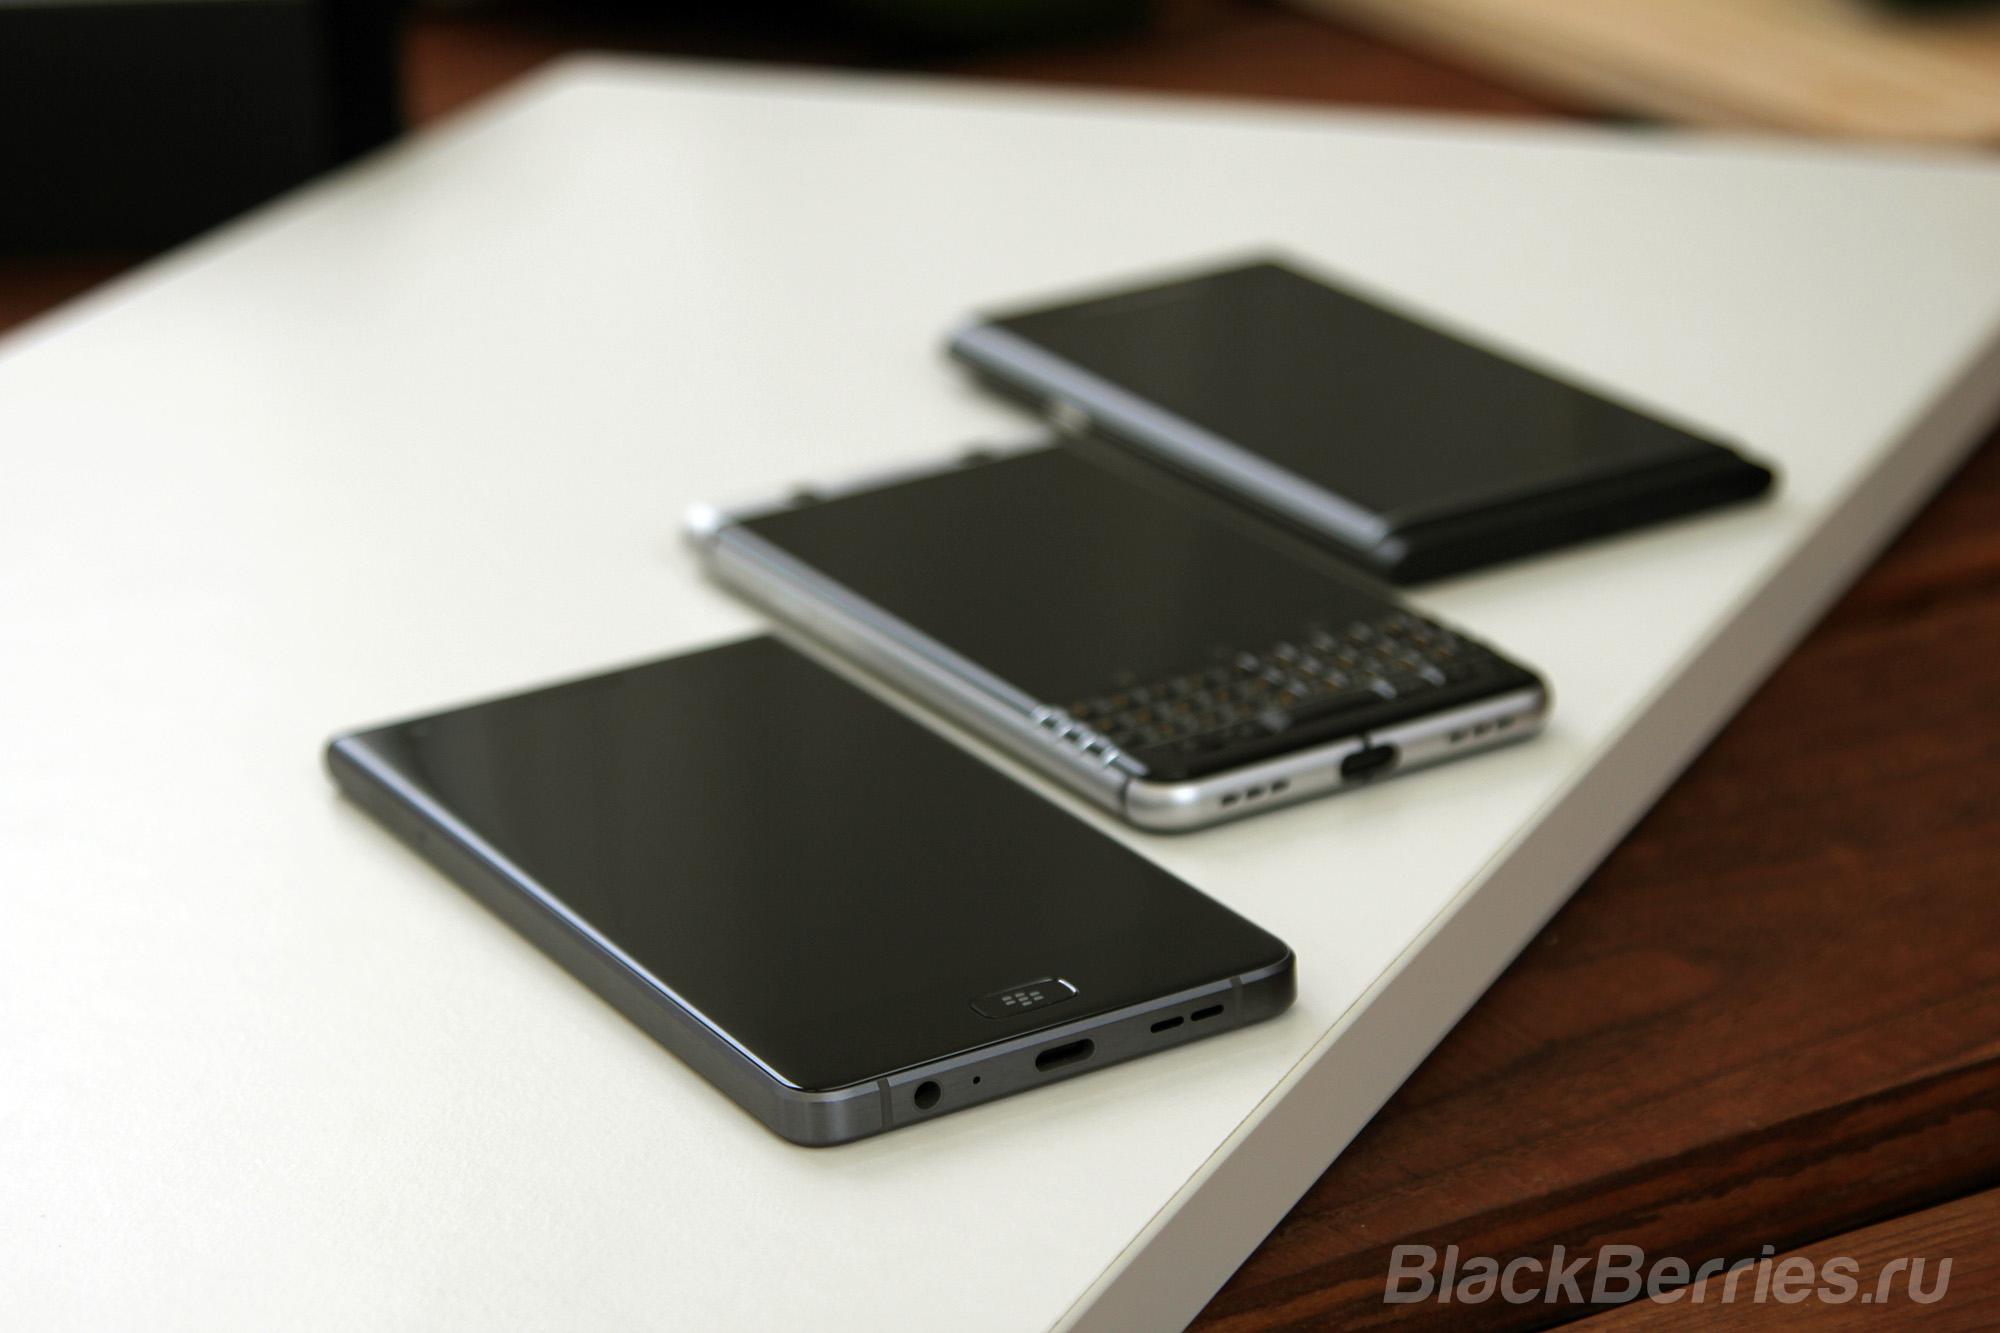 BlackBerry-Motion-Review-48.jpg